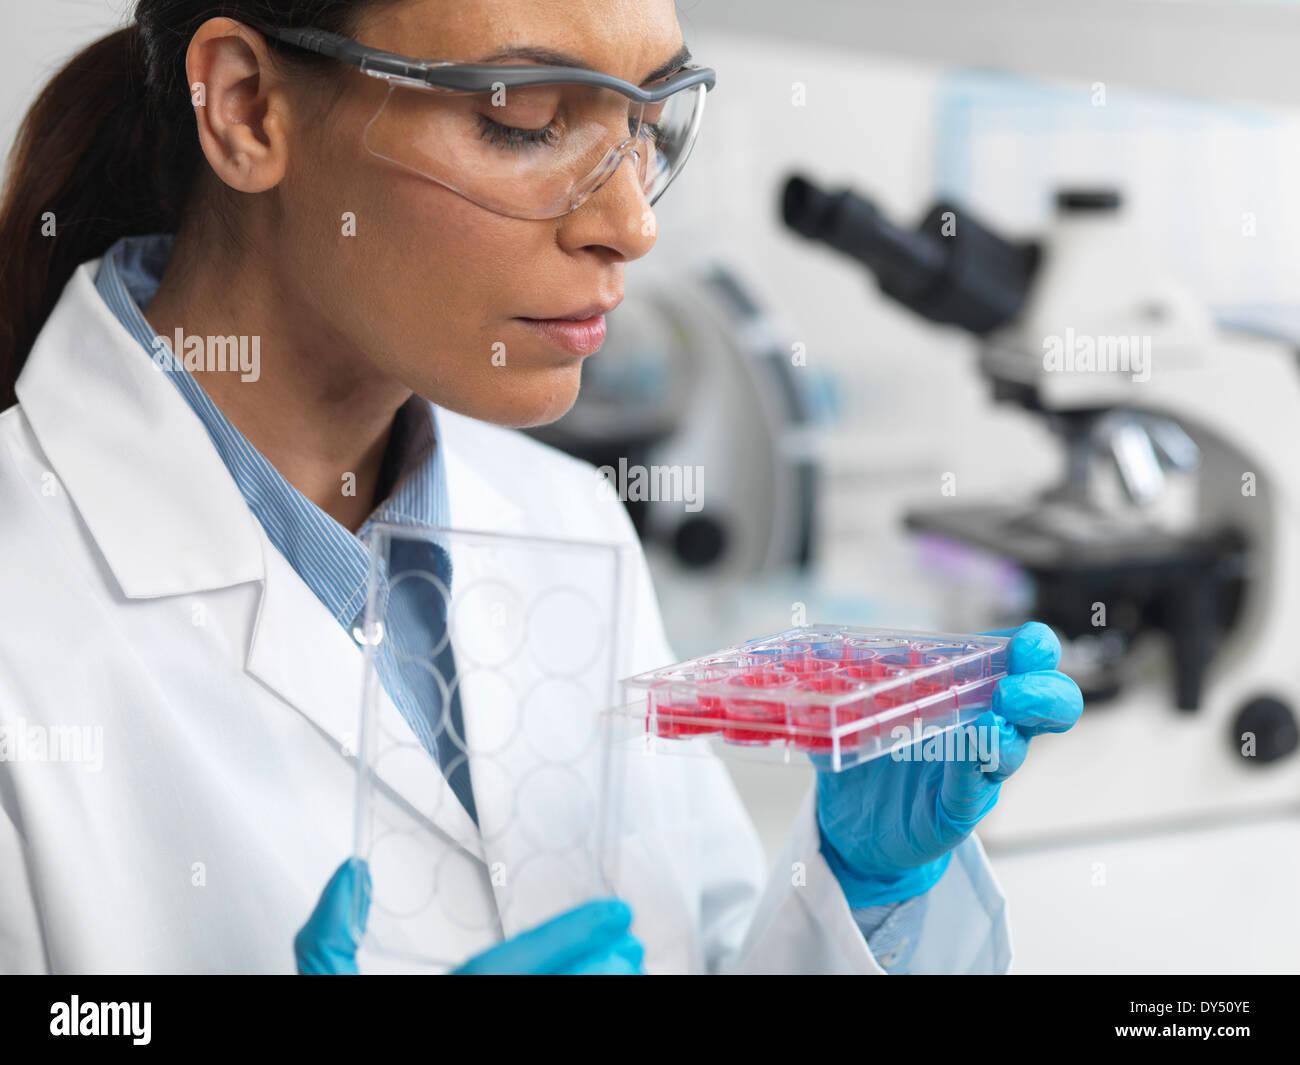 La ricerca sulle cellule staminali. Donna scienziato esaminando le colture cellulari in vassoio multipozzetto Immagini Stock